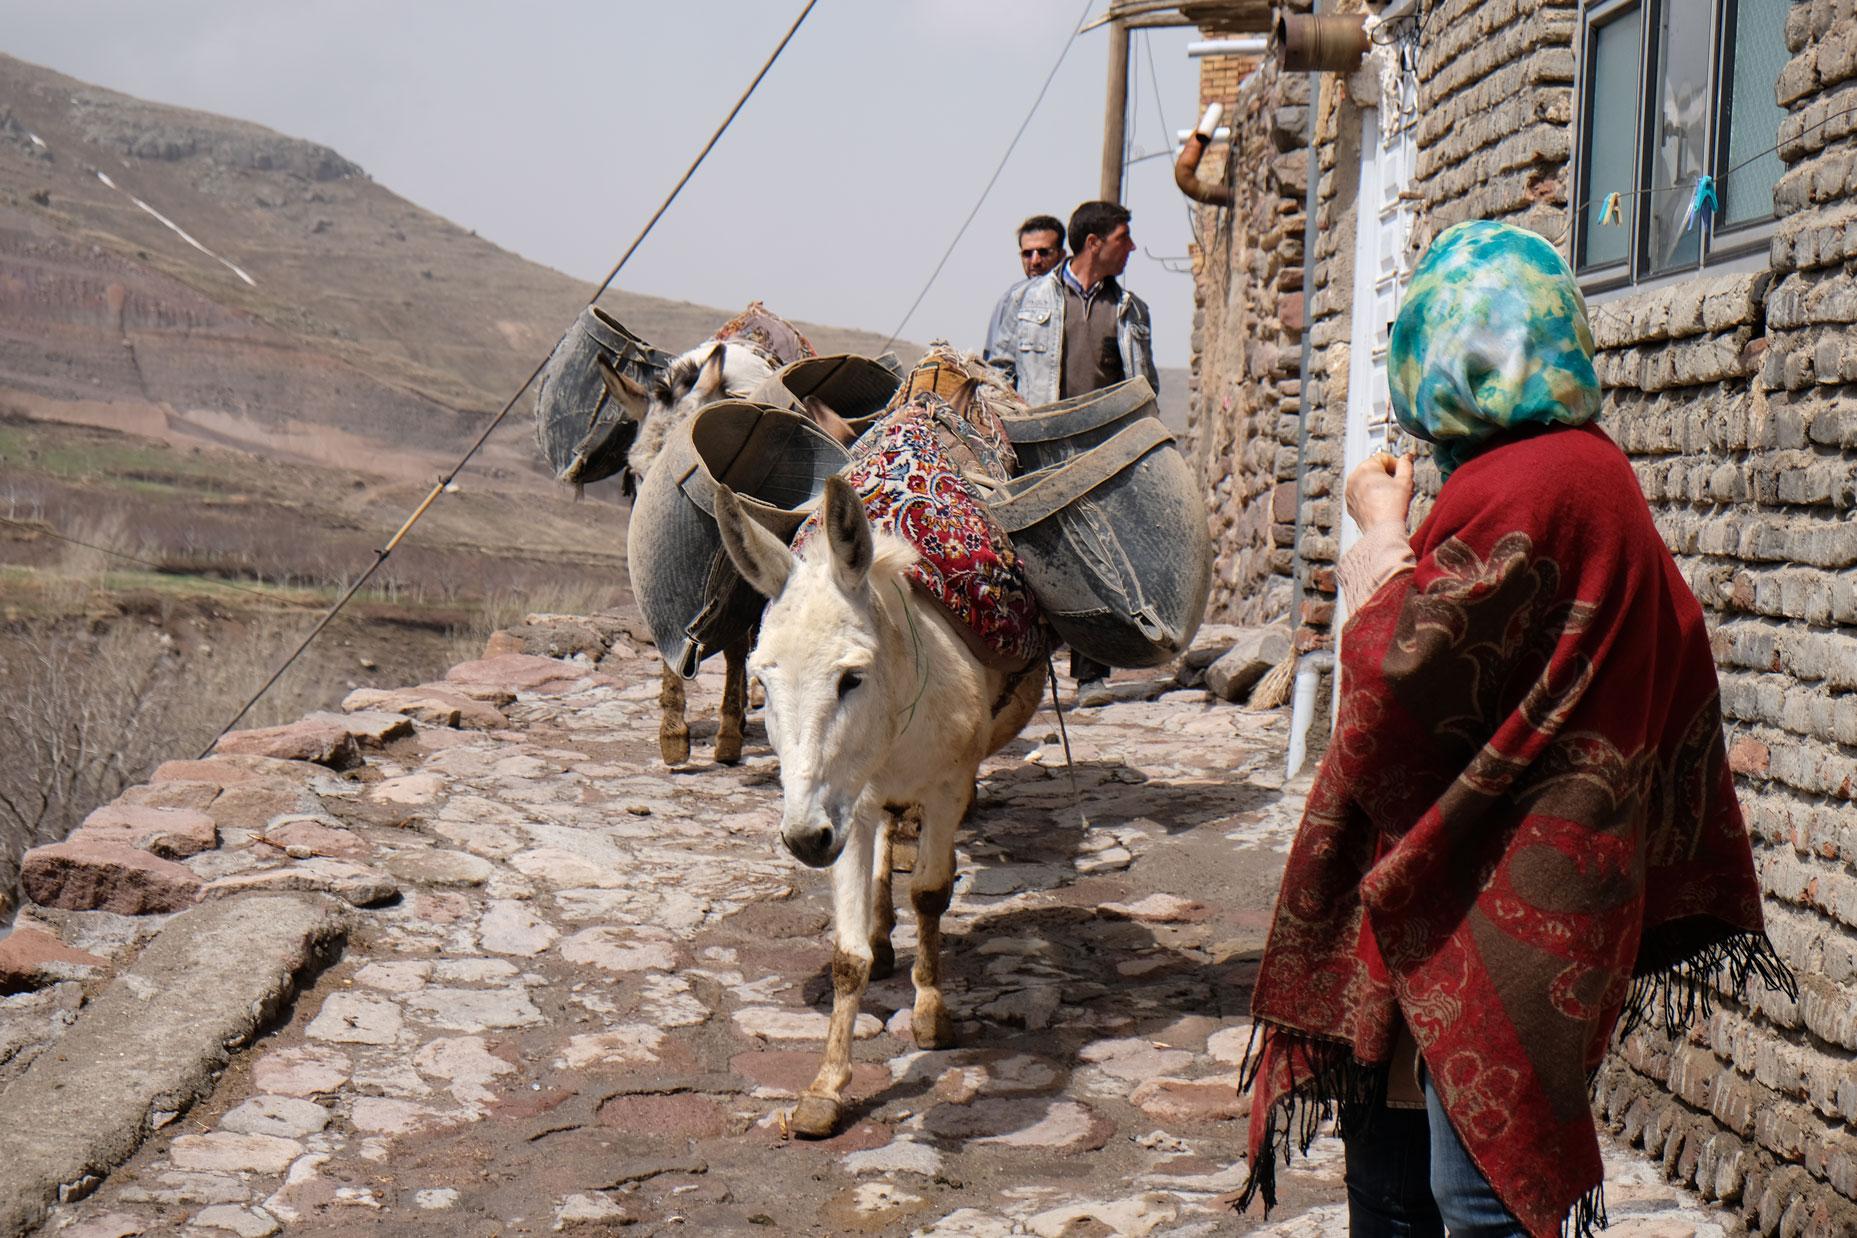 Esel transportieren Lasten in Satteltaschen